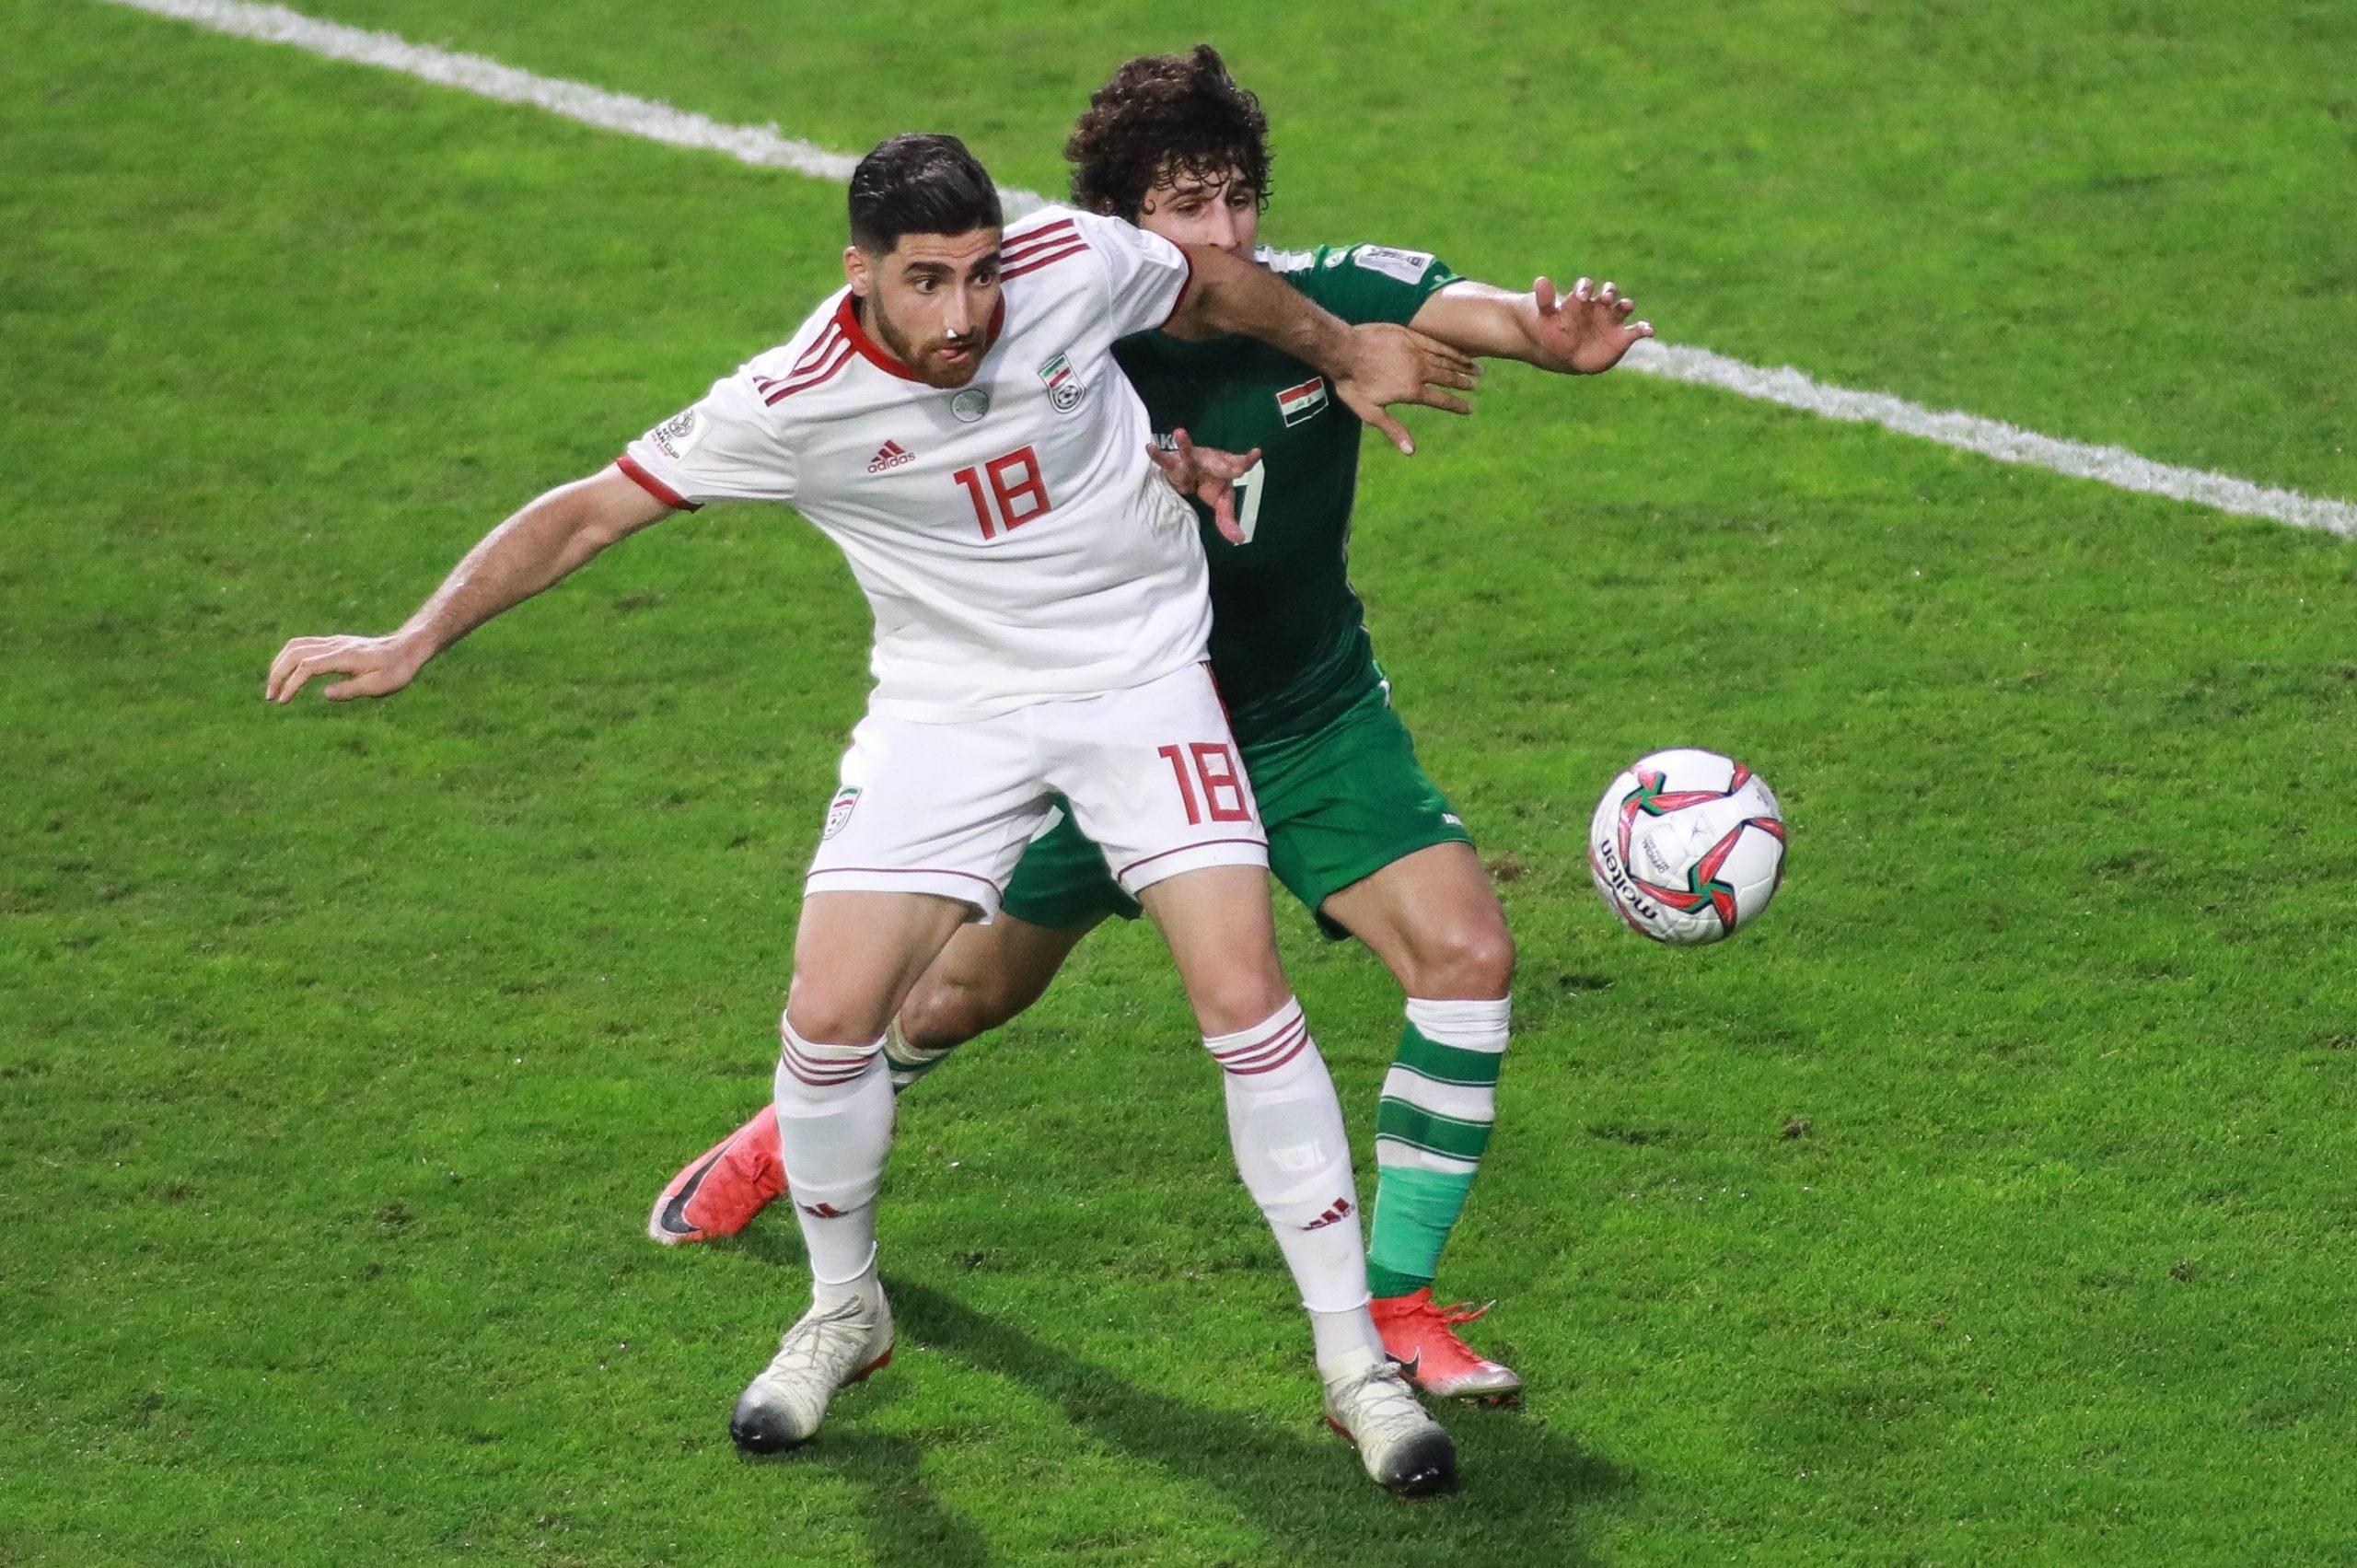 Sự chuẩn bị của Iraq và Iran trong trận đấu tại vòng loại thứ 2 World Cup 2022